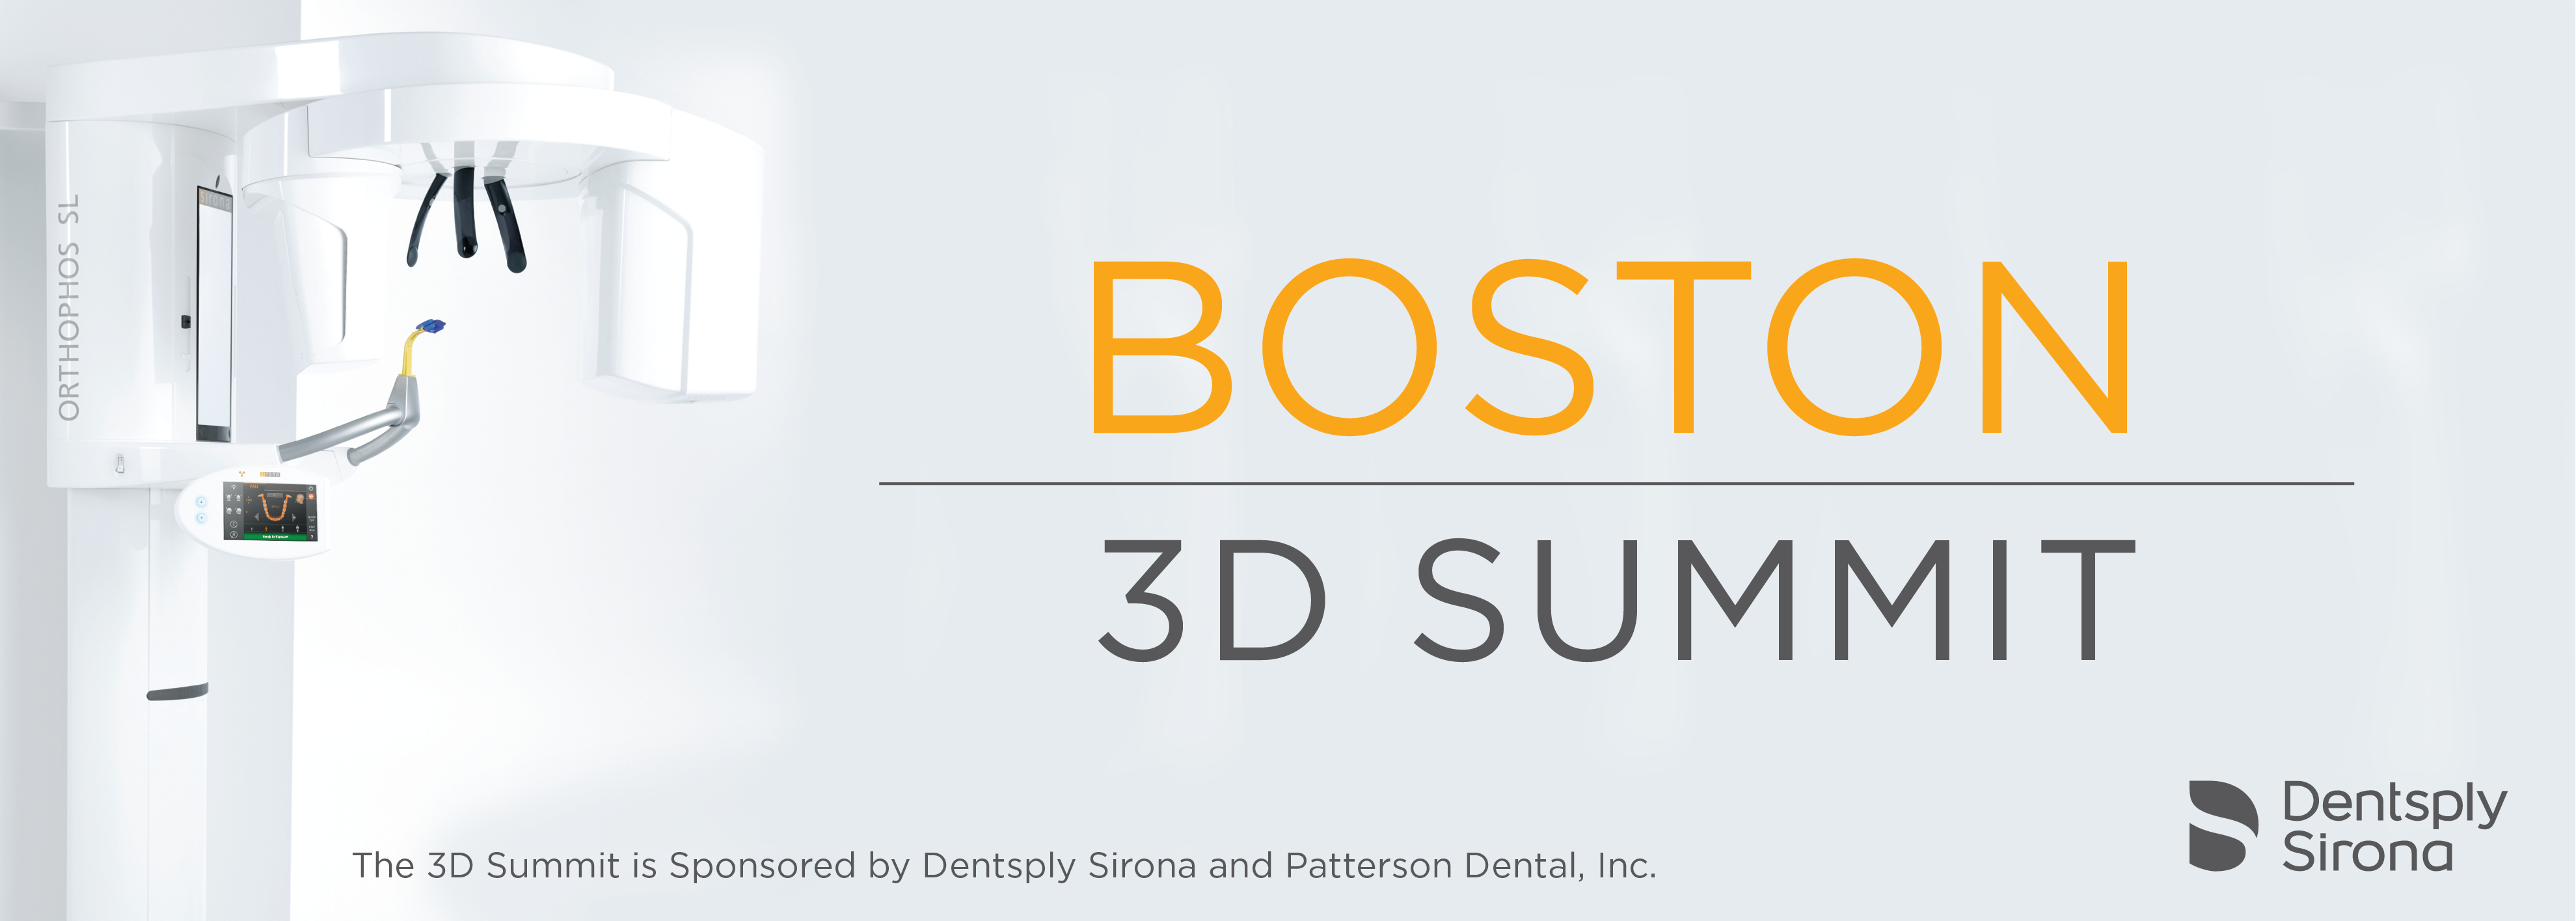 Boston 3D Summit